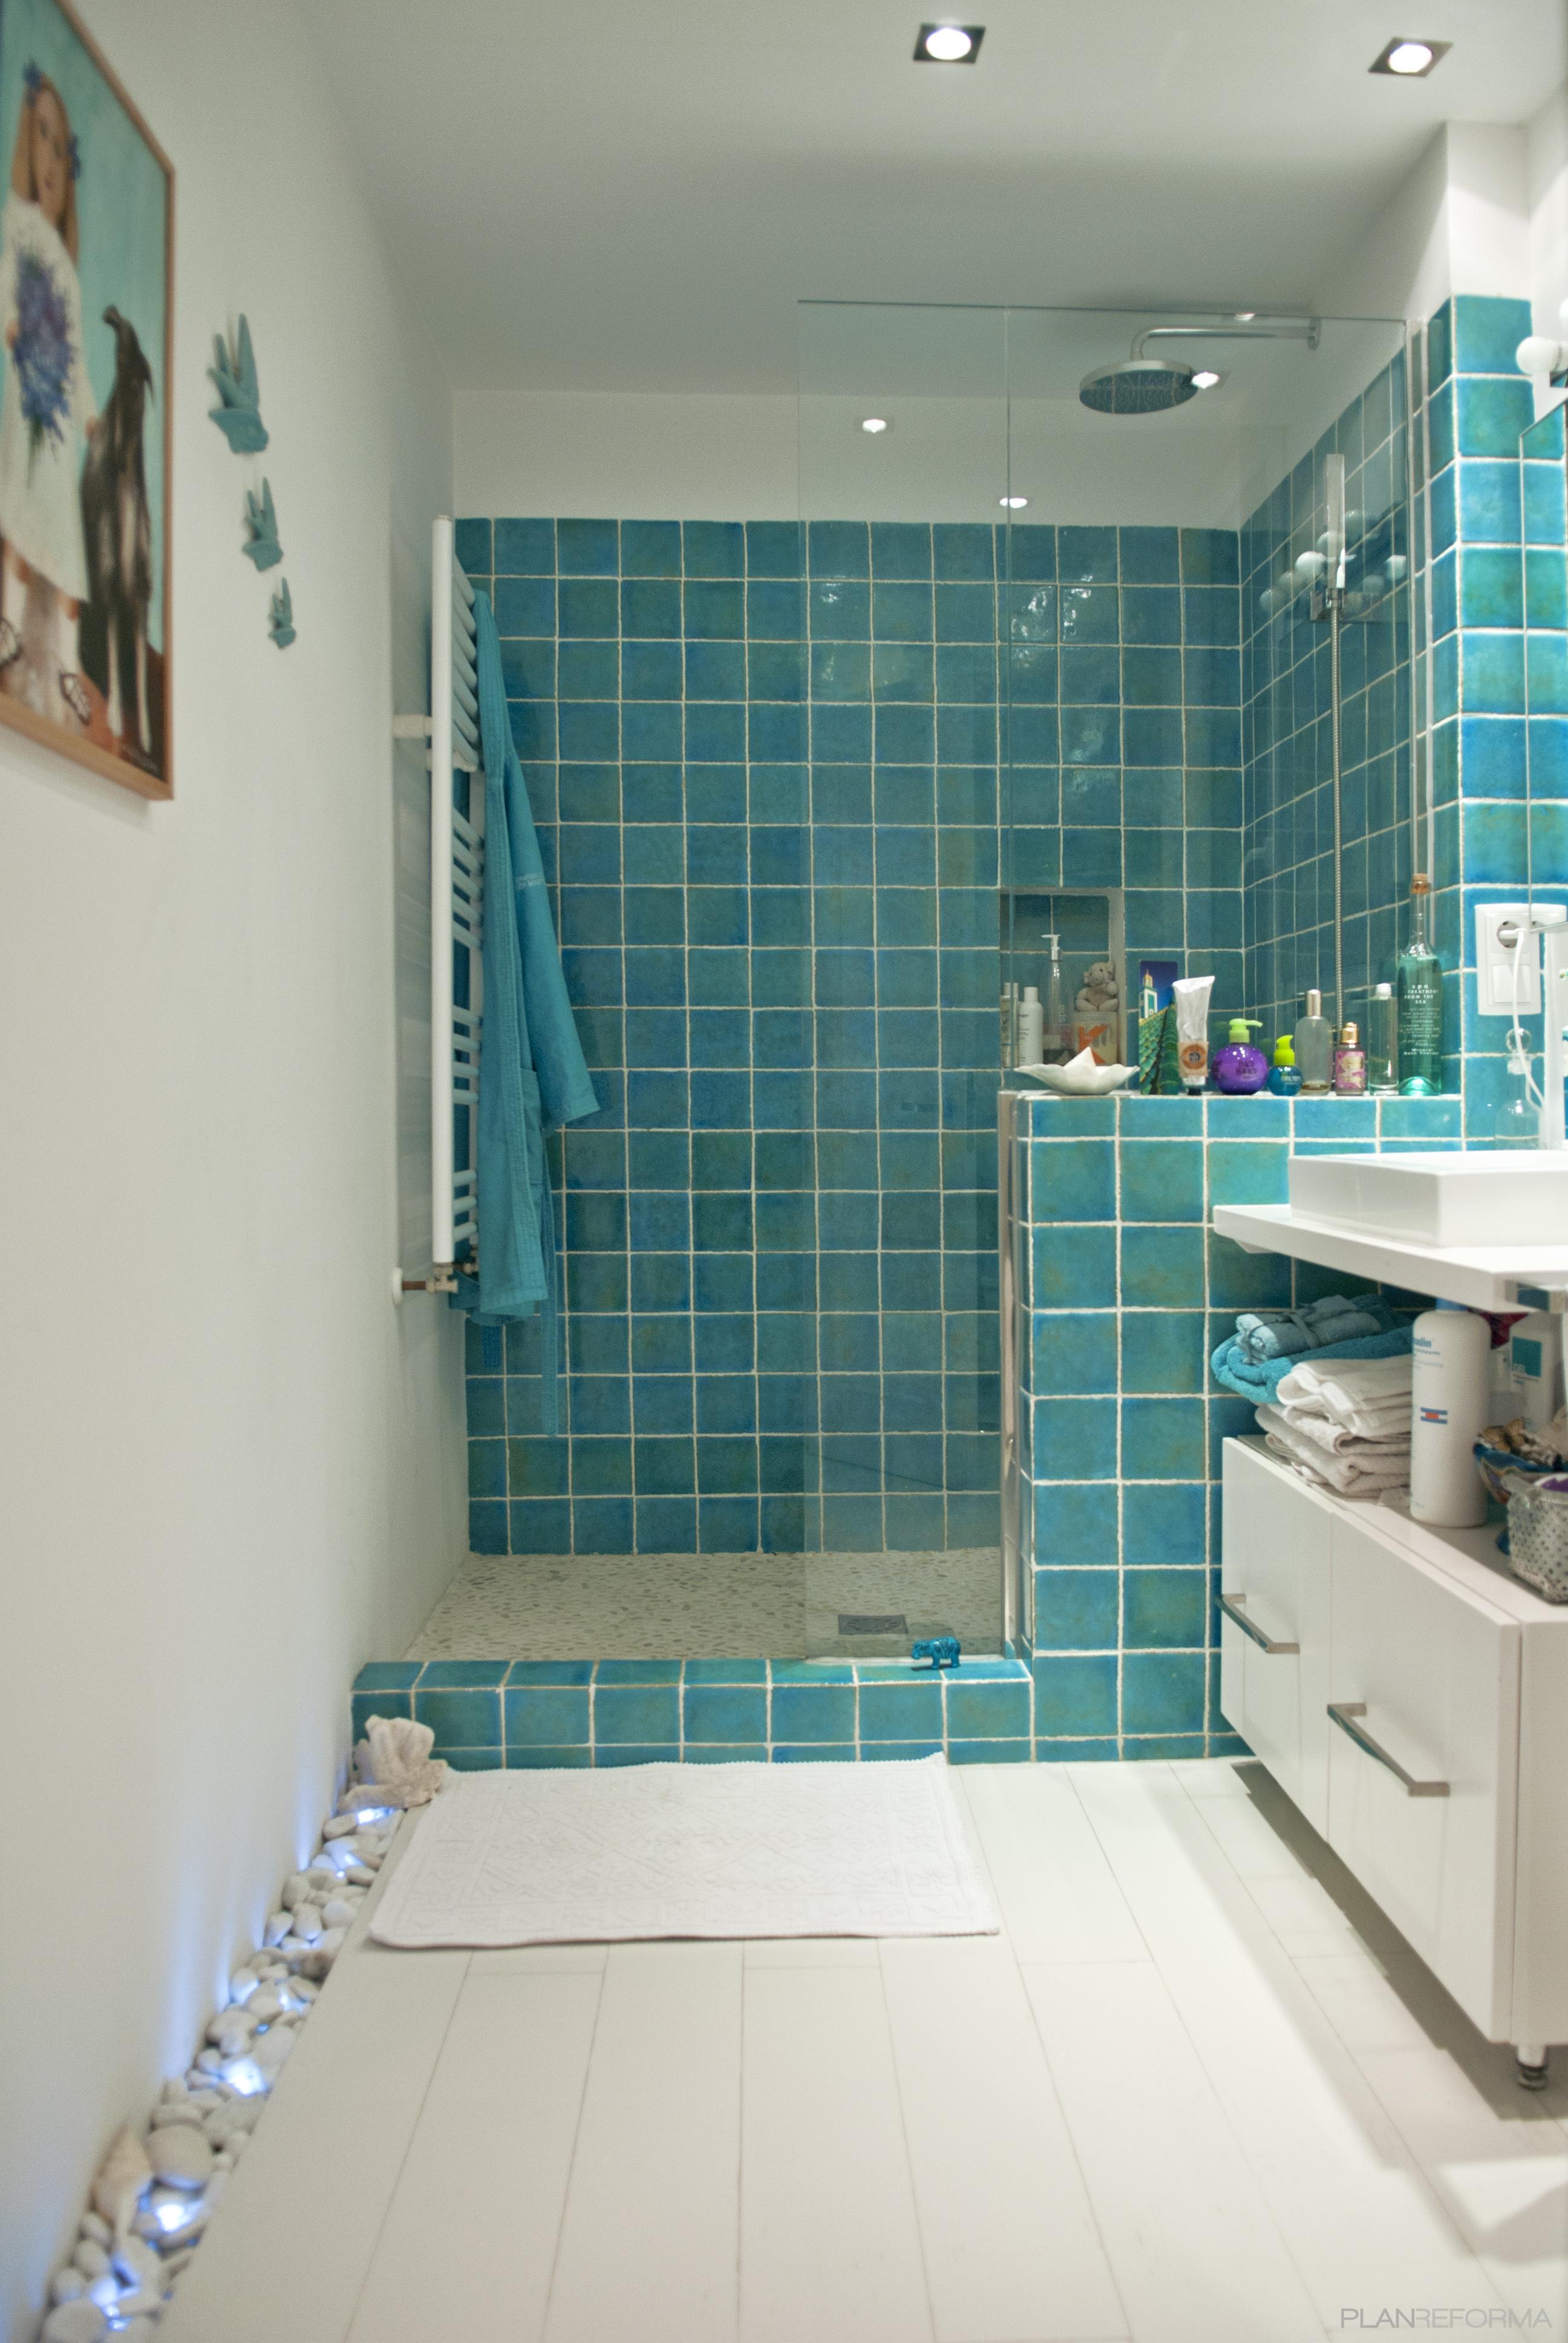 Dormitorio estilo contemporaneo color turquesa blanco gris for Paredes turquesa y gris